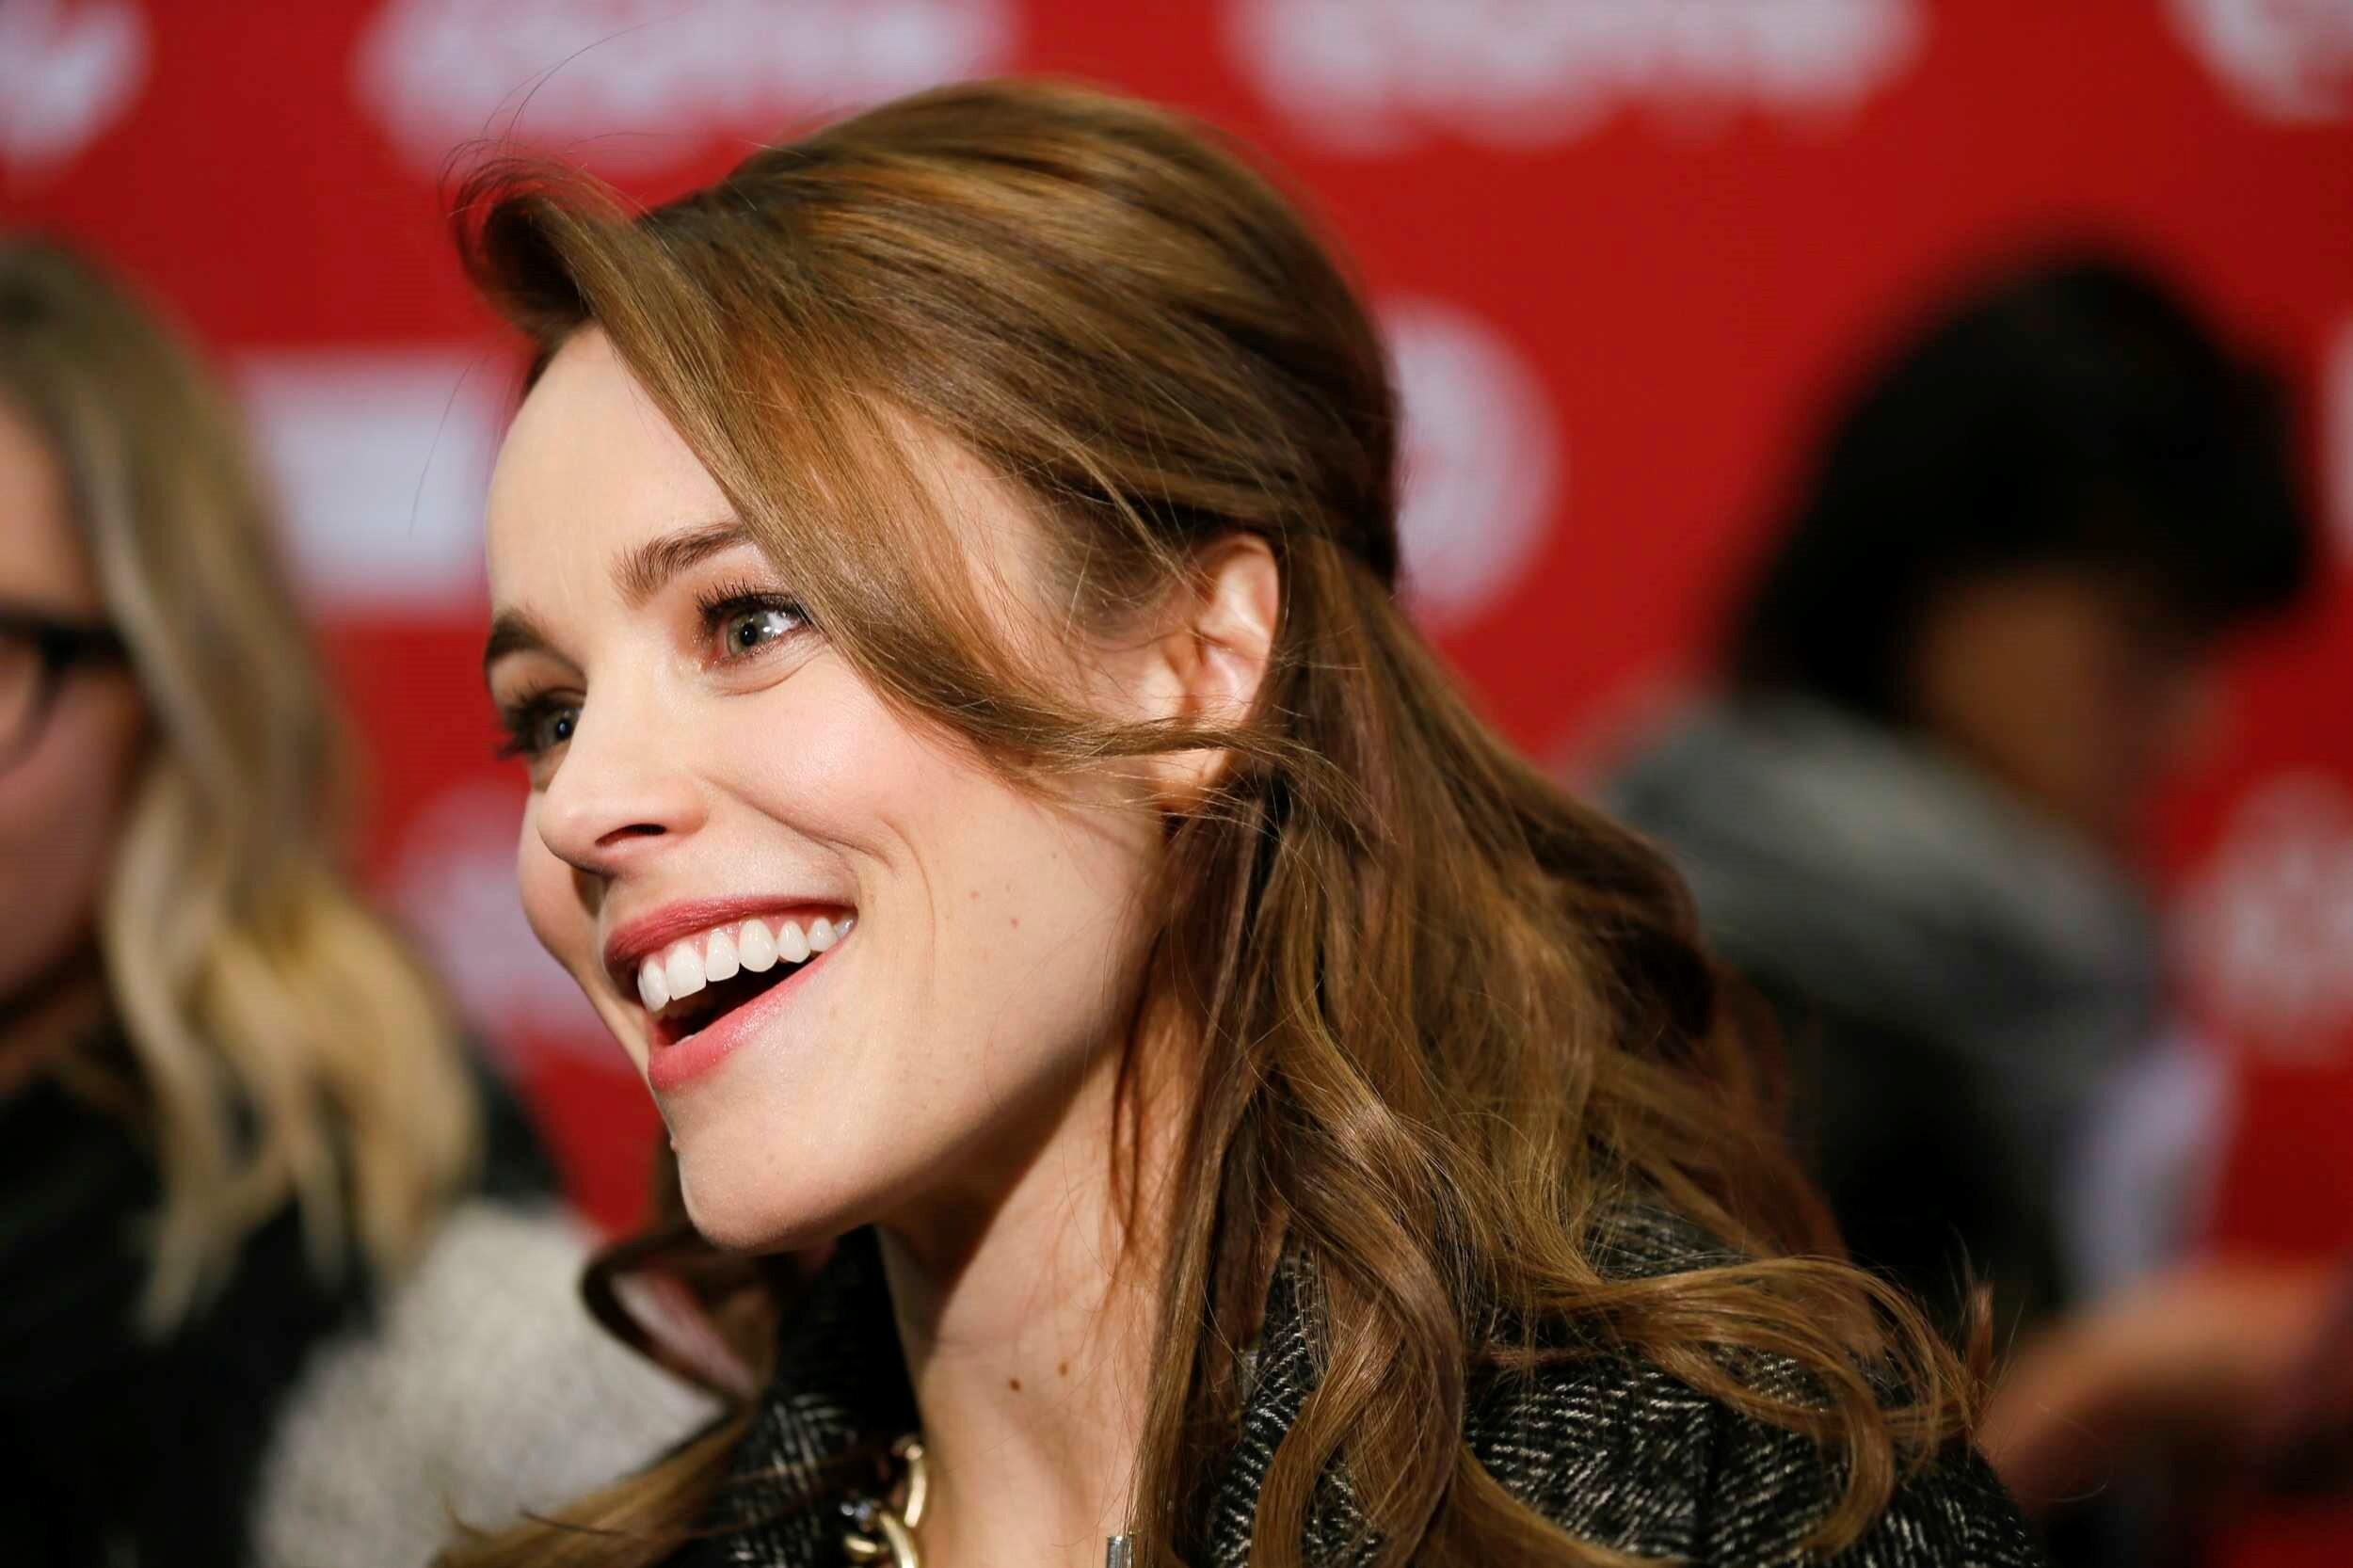 Beautiful Smile Wallpaper: Beautiful Smile Of Rachel McAdams Wallpaper